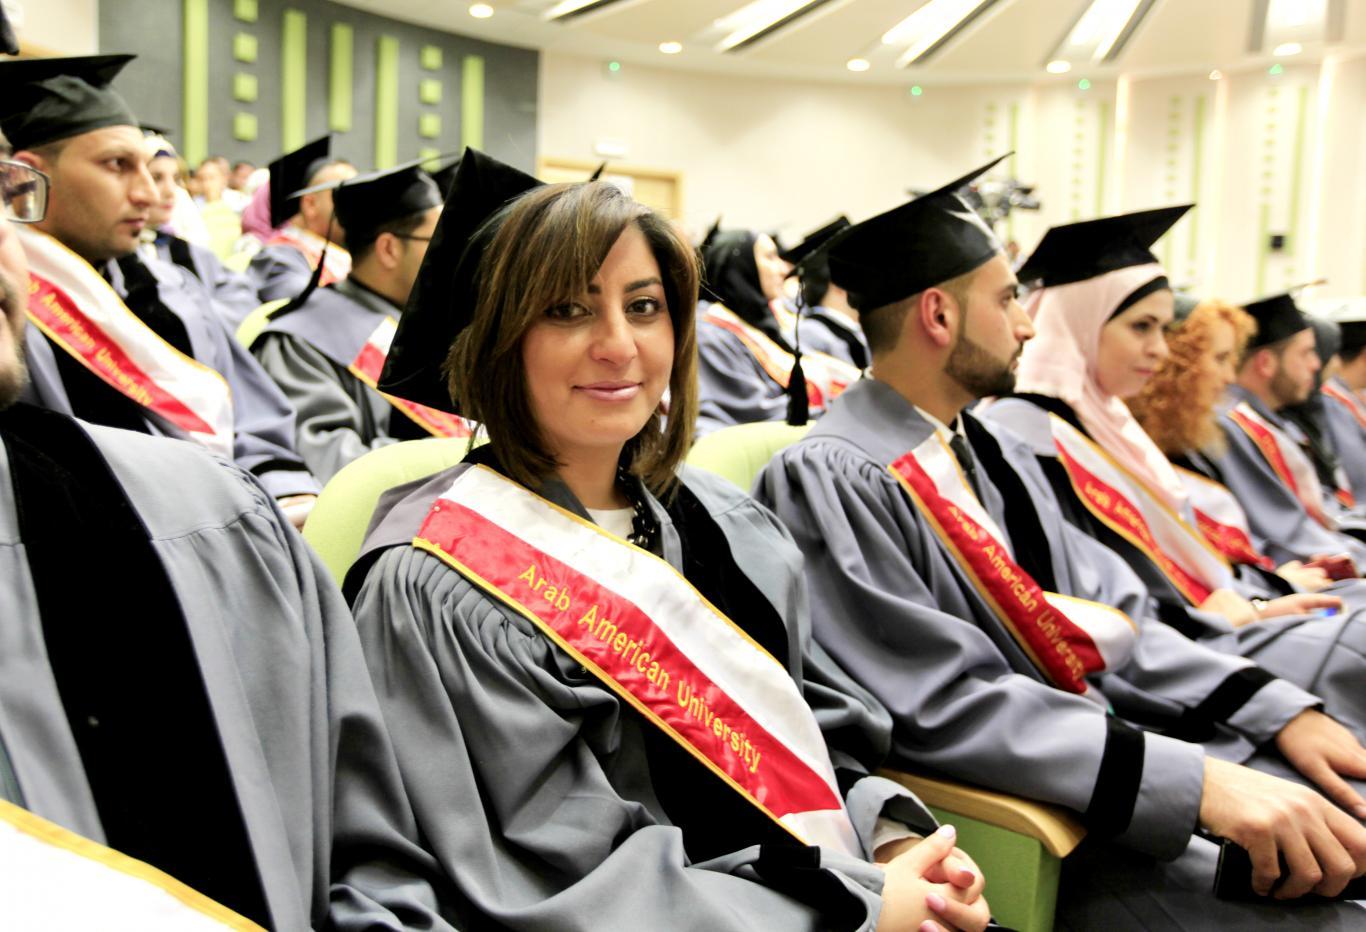 طلبة الدراسات العليا في برامج التخطيط الاستراتيجي وتجنيد الأموال، وحل الصراعات والتنمية، والقانون التجاري، وعلم الحاسوب،